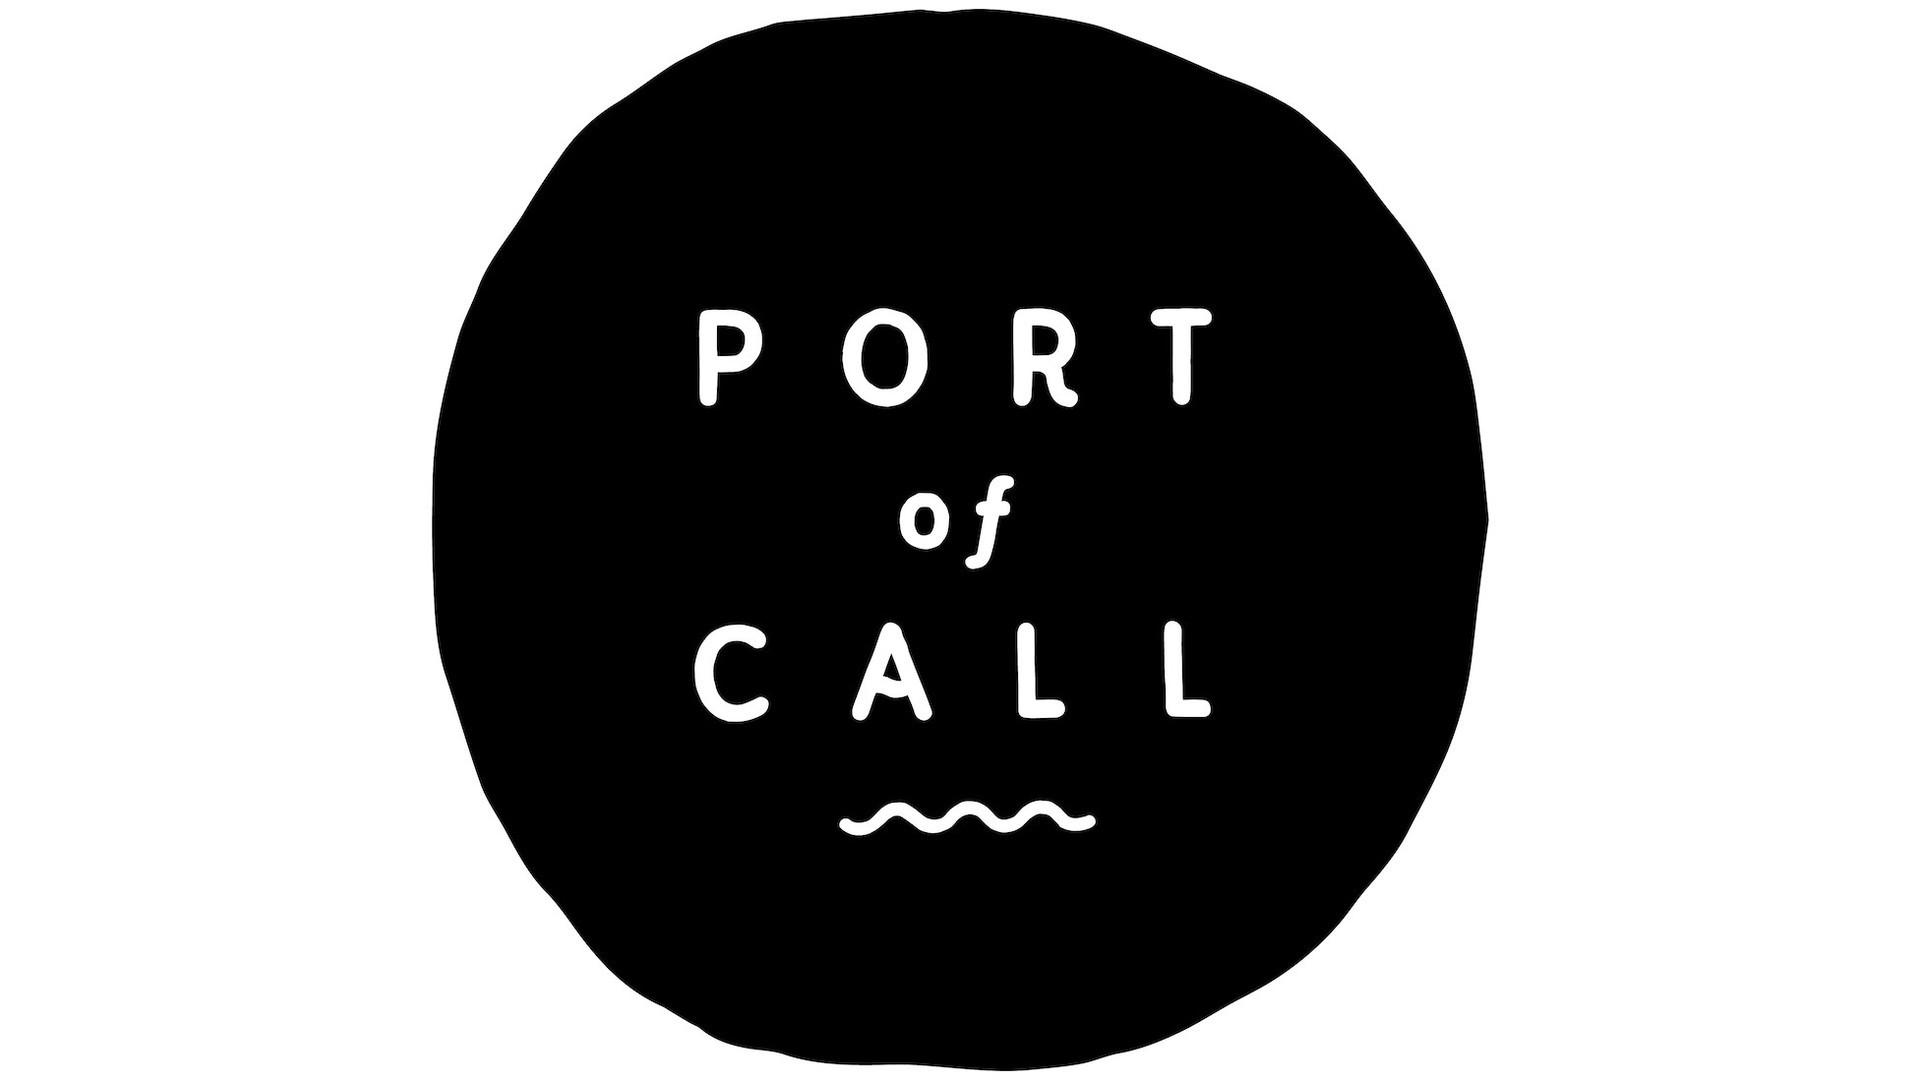 株式会社ジャングルジャムの店舗スタッフ|PORT of CALLのカバー写真